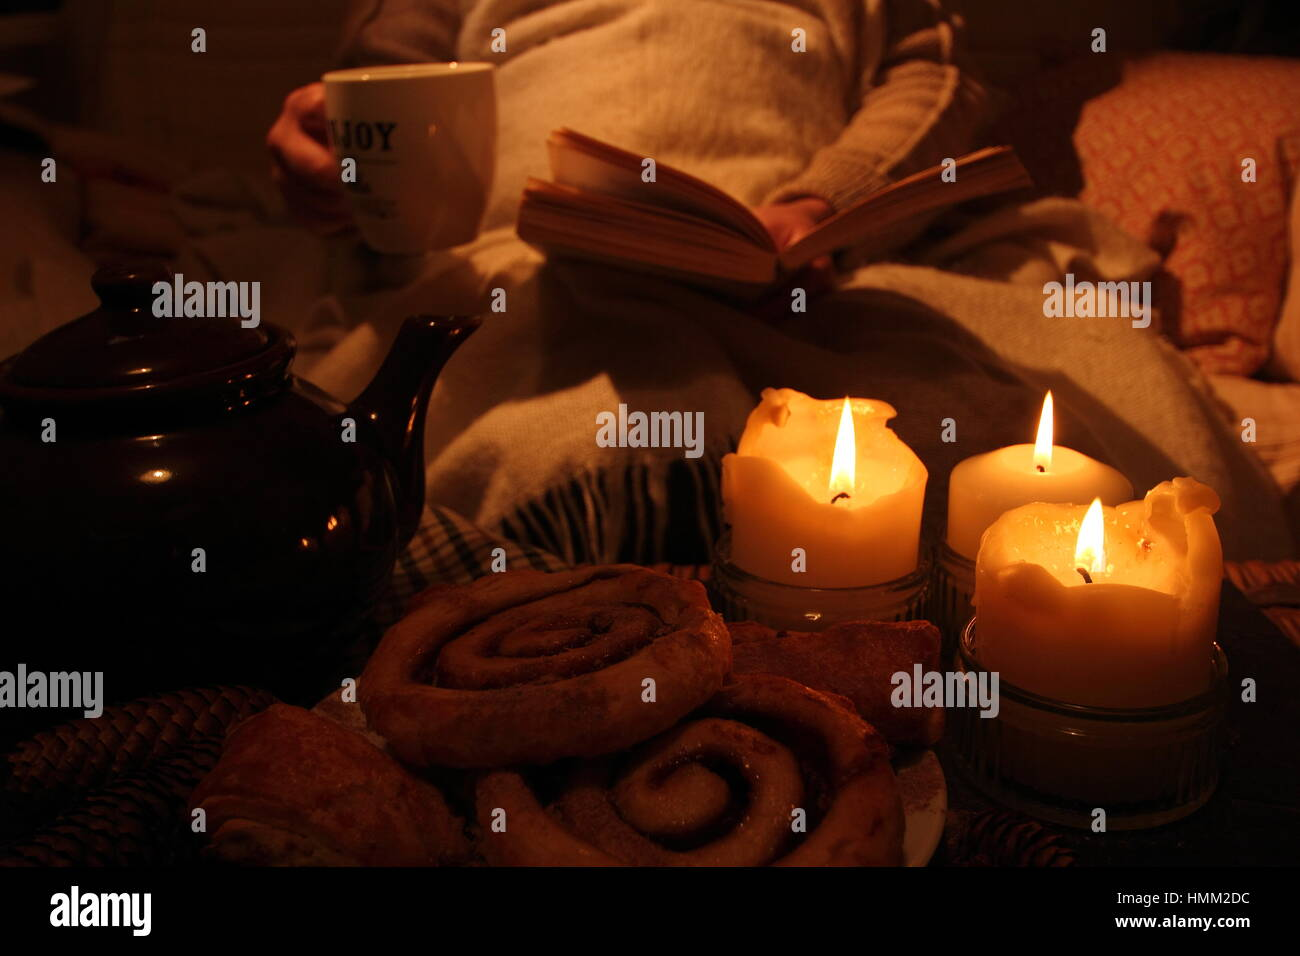 Entspannen Sie An Einem Winterabend Bei Kerzenschein In Gemütlicher, Hygge  Inspiriert, Englisch Wohnzimmer Mit Tee, Eine Decke, Ein Buch Und Gebäck